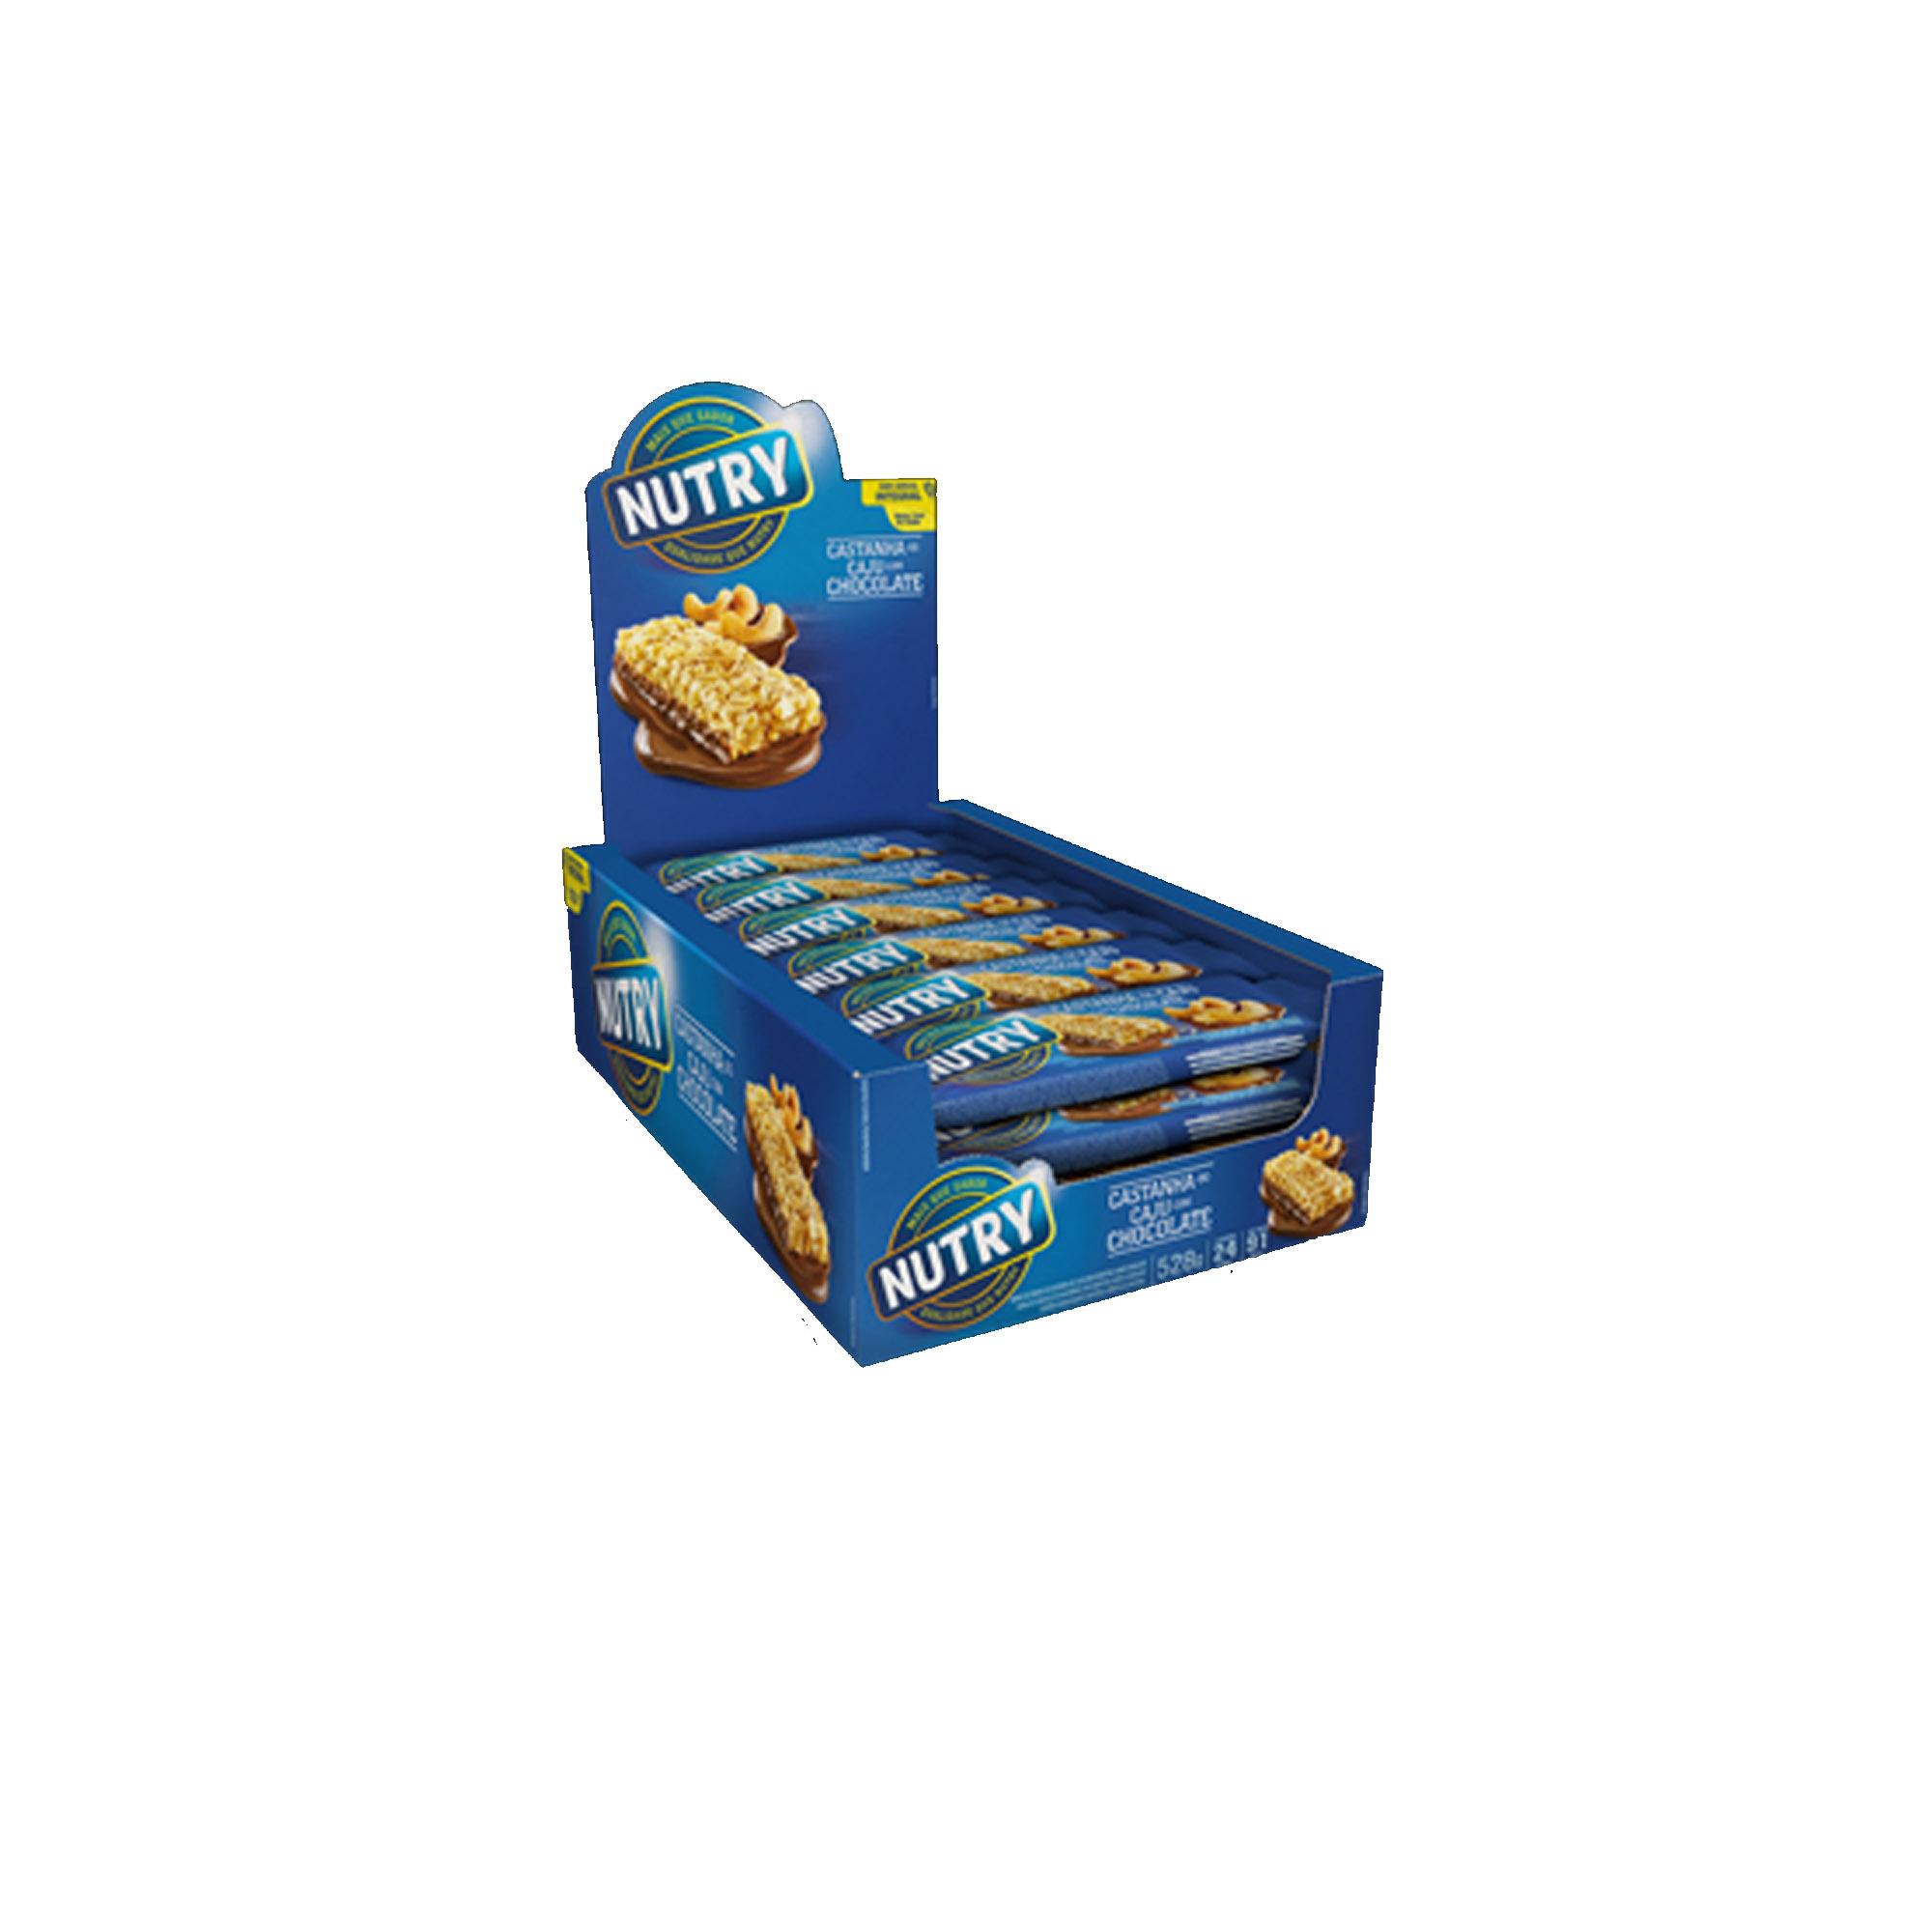 BARRA CEREAL CAIXA Castanha de Caju com Chocolate COM 24 UNIDADES NUTRY